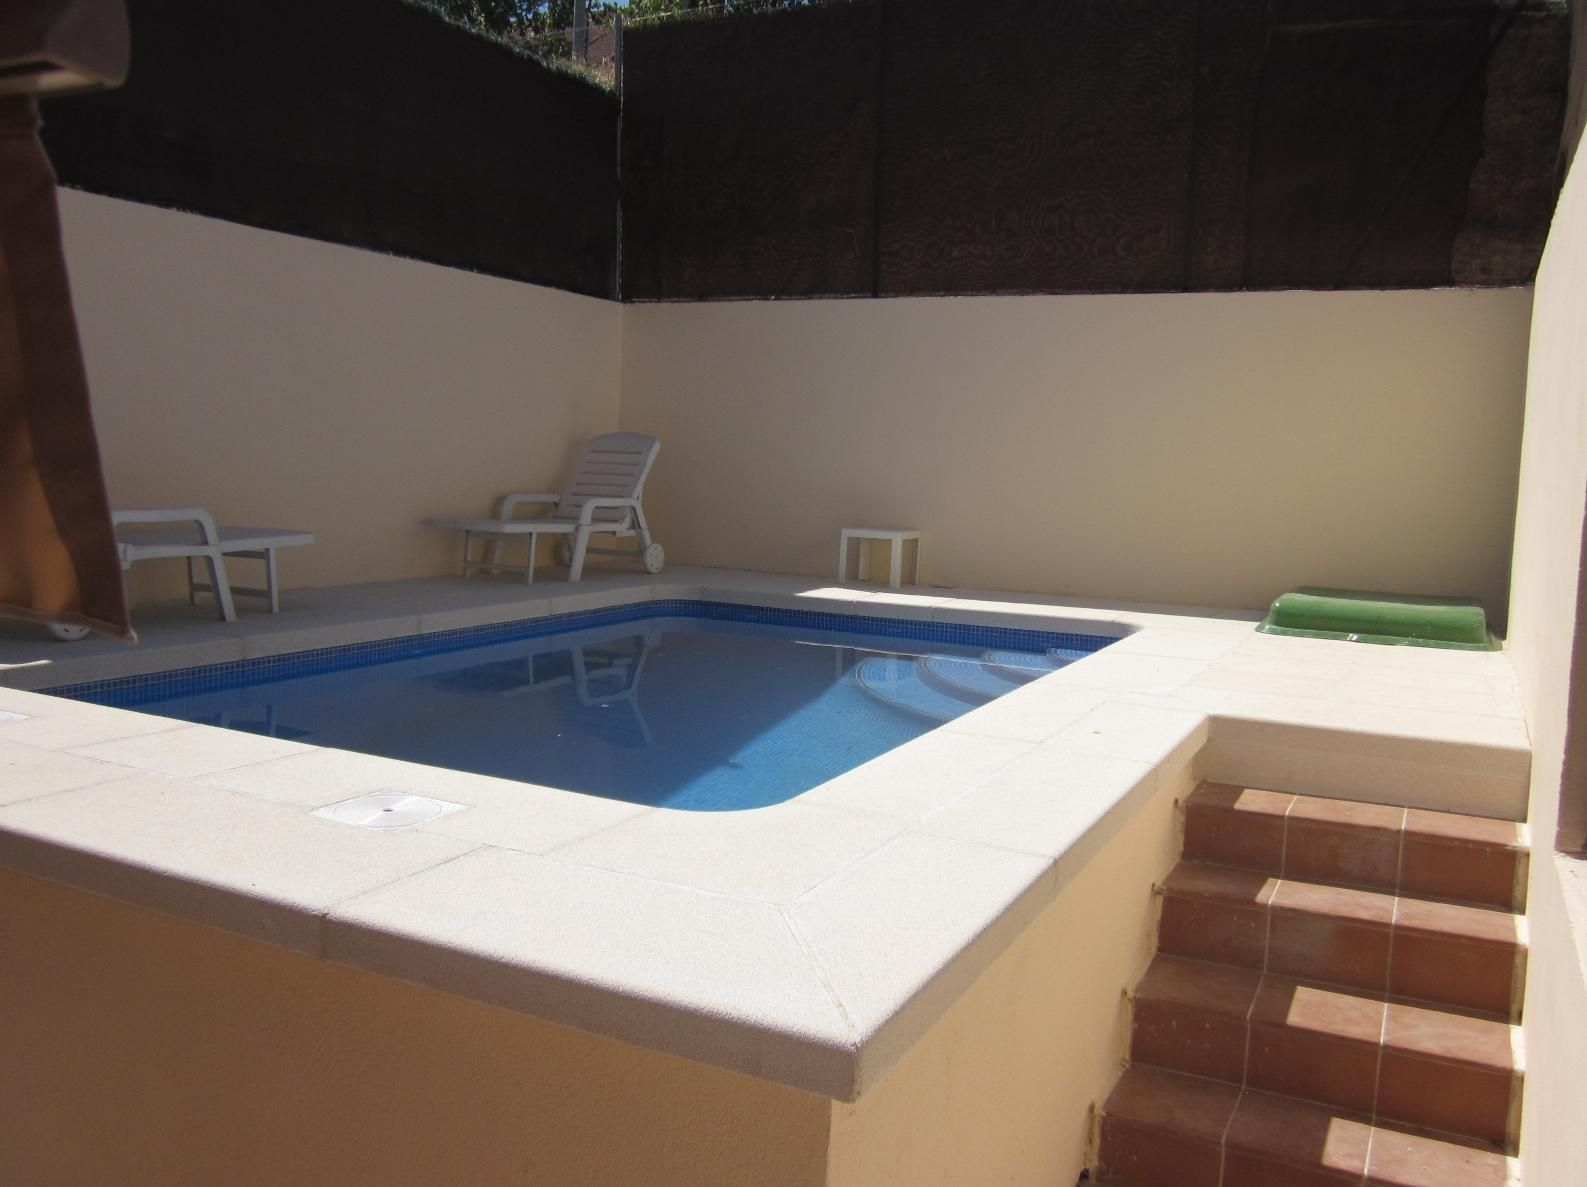 Piscina elevada de 4x3 con escalera interior romana y for Gresite piscinas colores